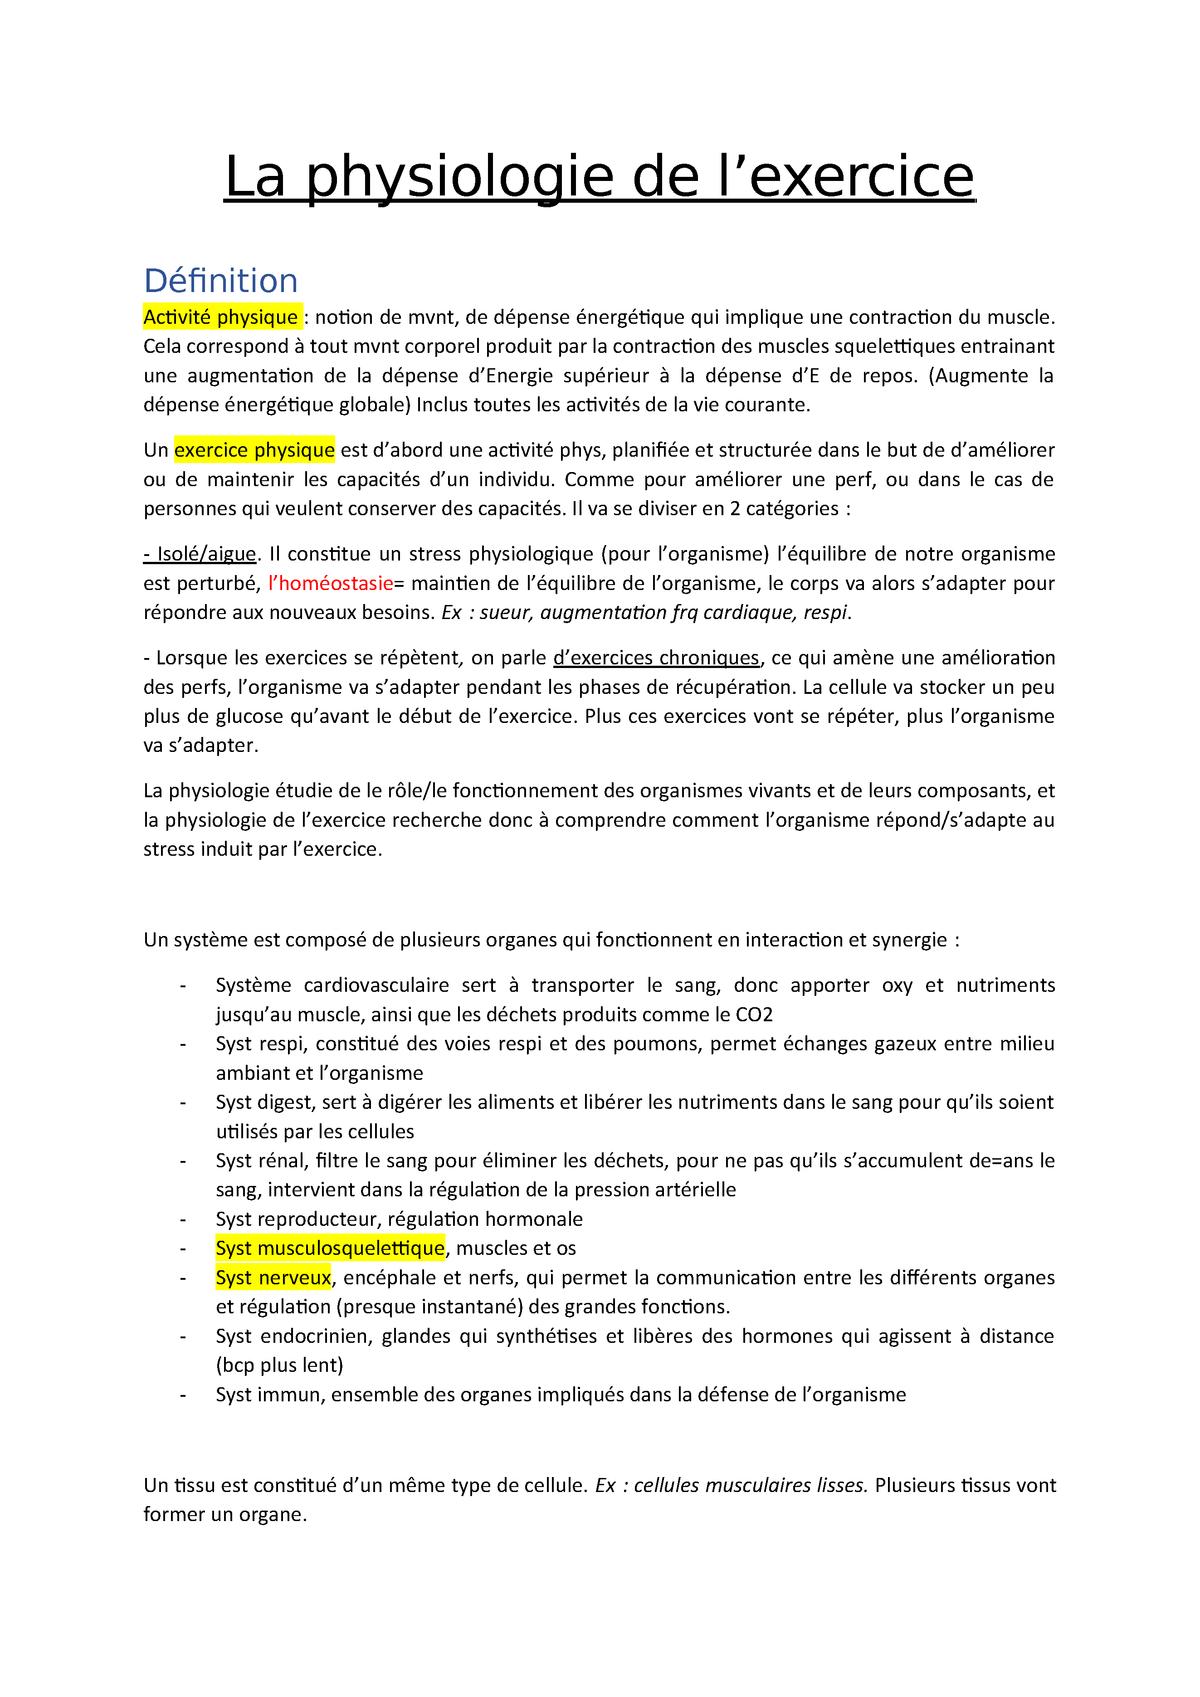 La Physiologie De L Exercice La Physiologie De Physique Notion De Mvnt De Qui Studocu